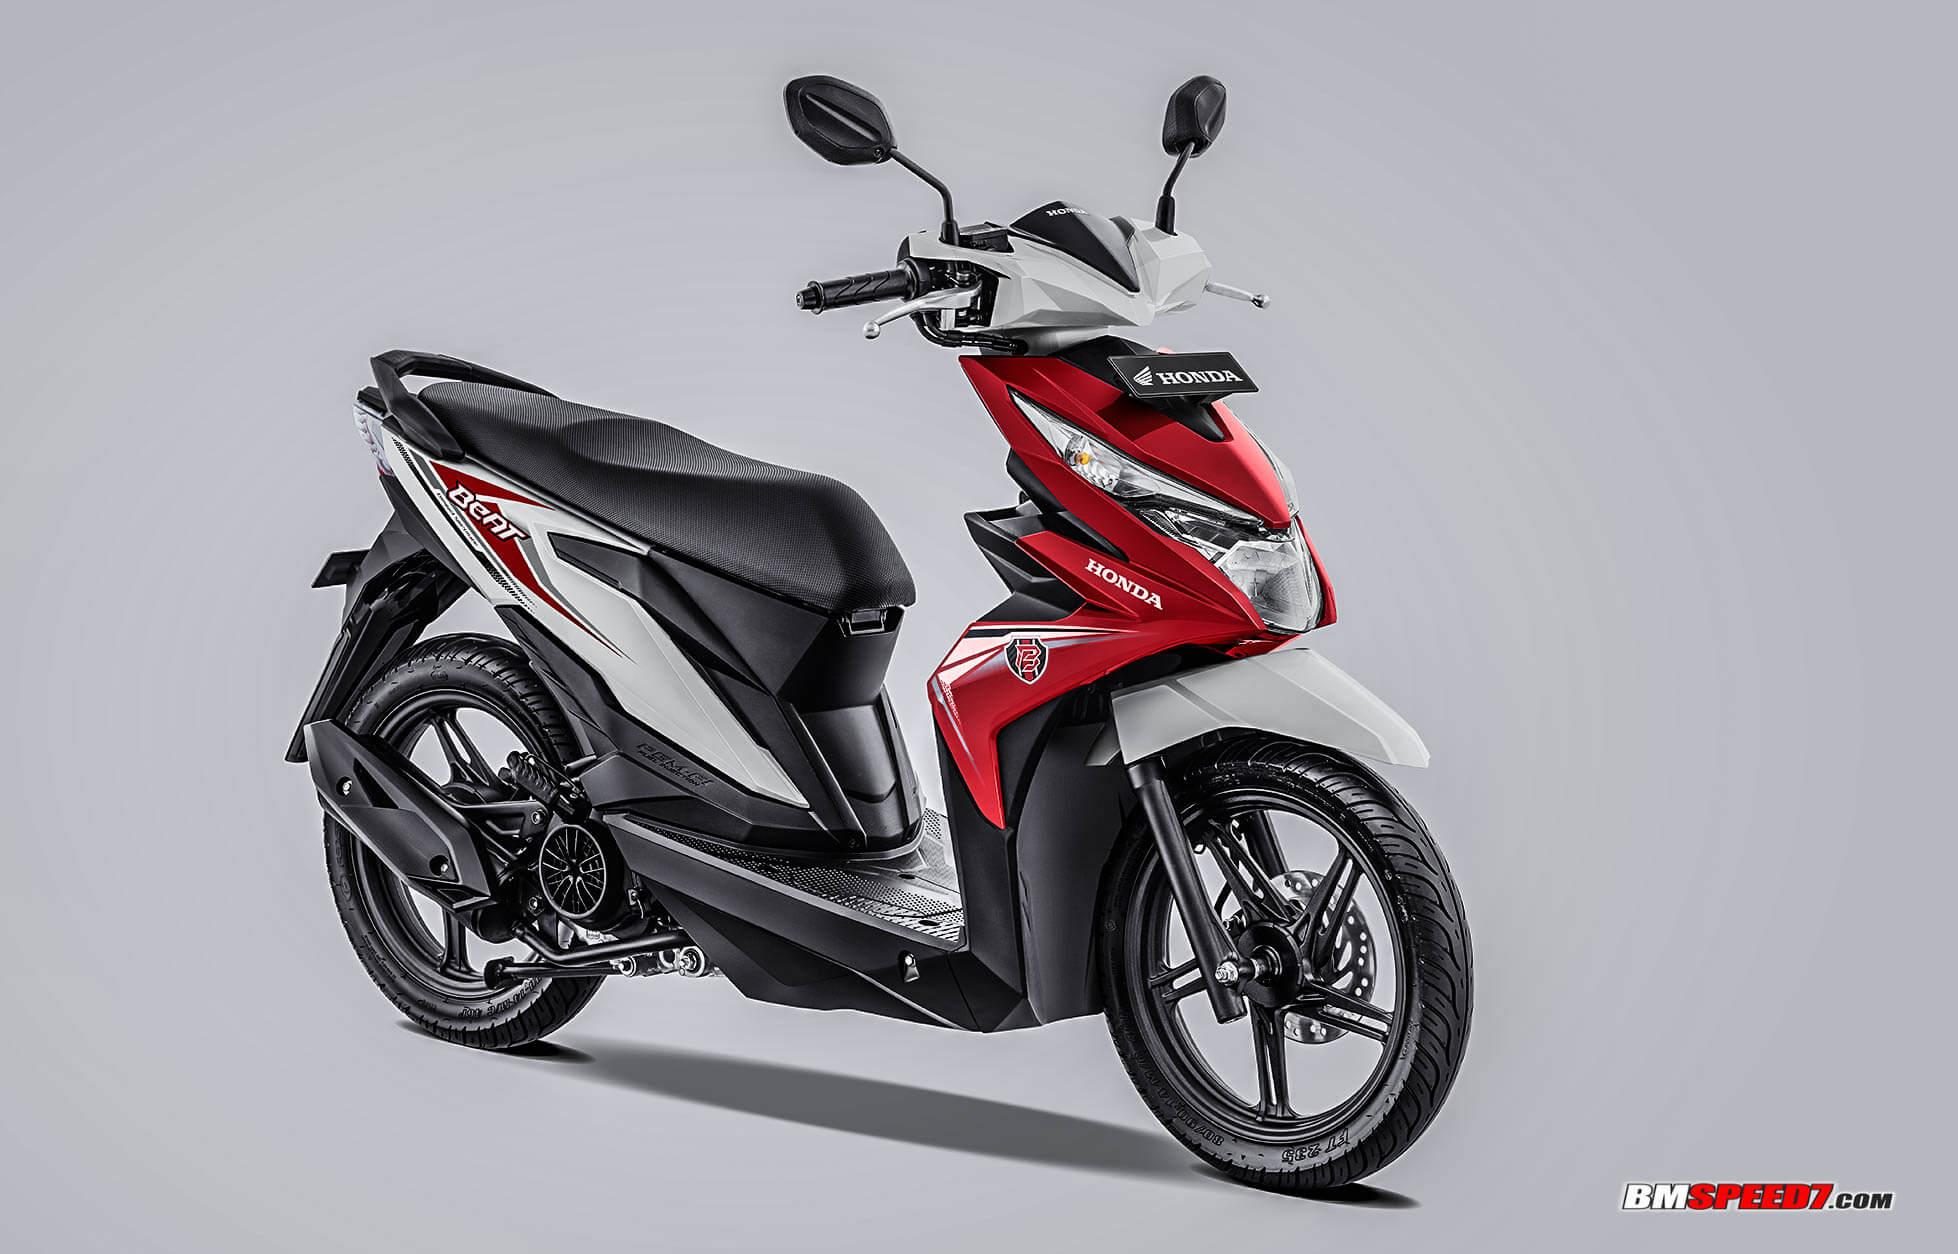 Semakin Laris Ahm Rilis Warna Baru Honda Beat 2019 Bmspeed7 Com